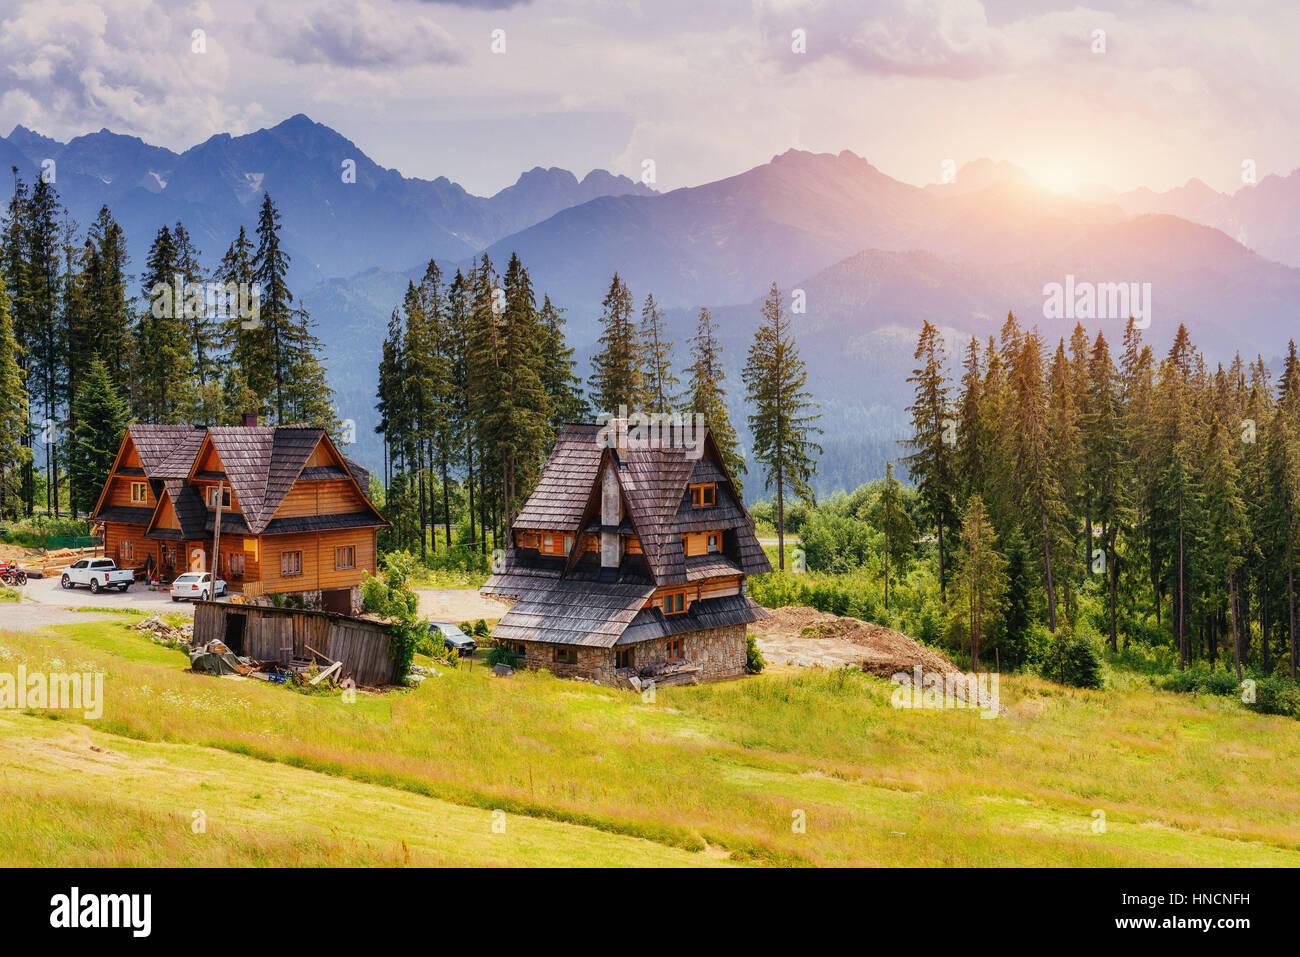 Maison traditionnelle en bois dans les montagnes sur un champ vert Mont Photo Stock